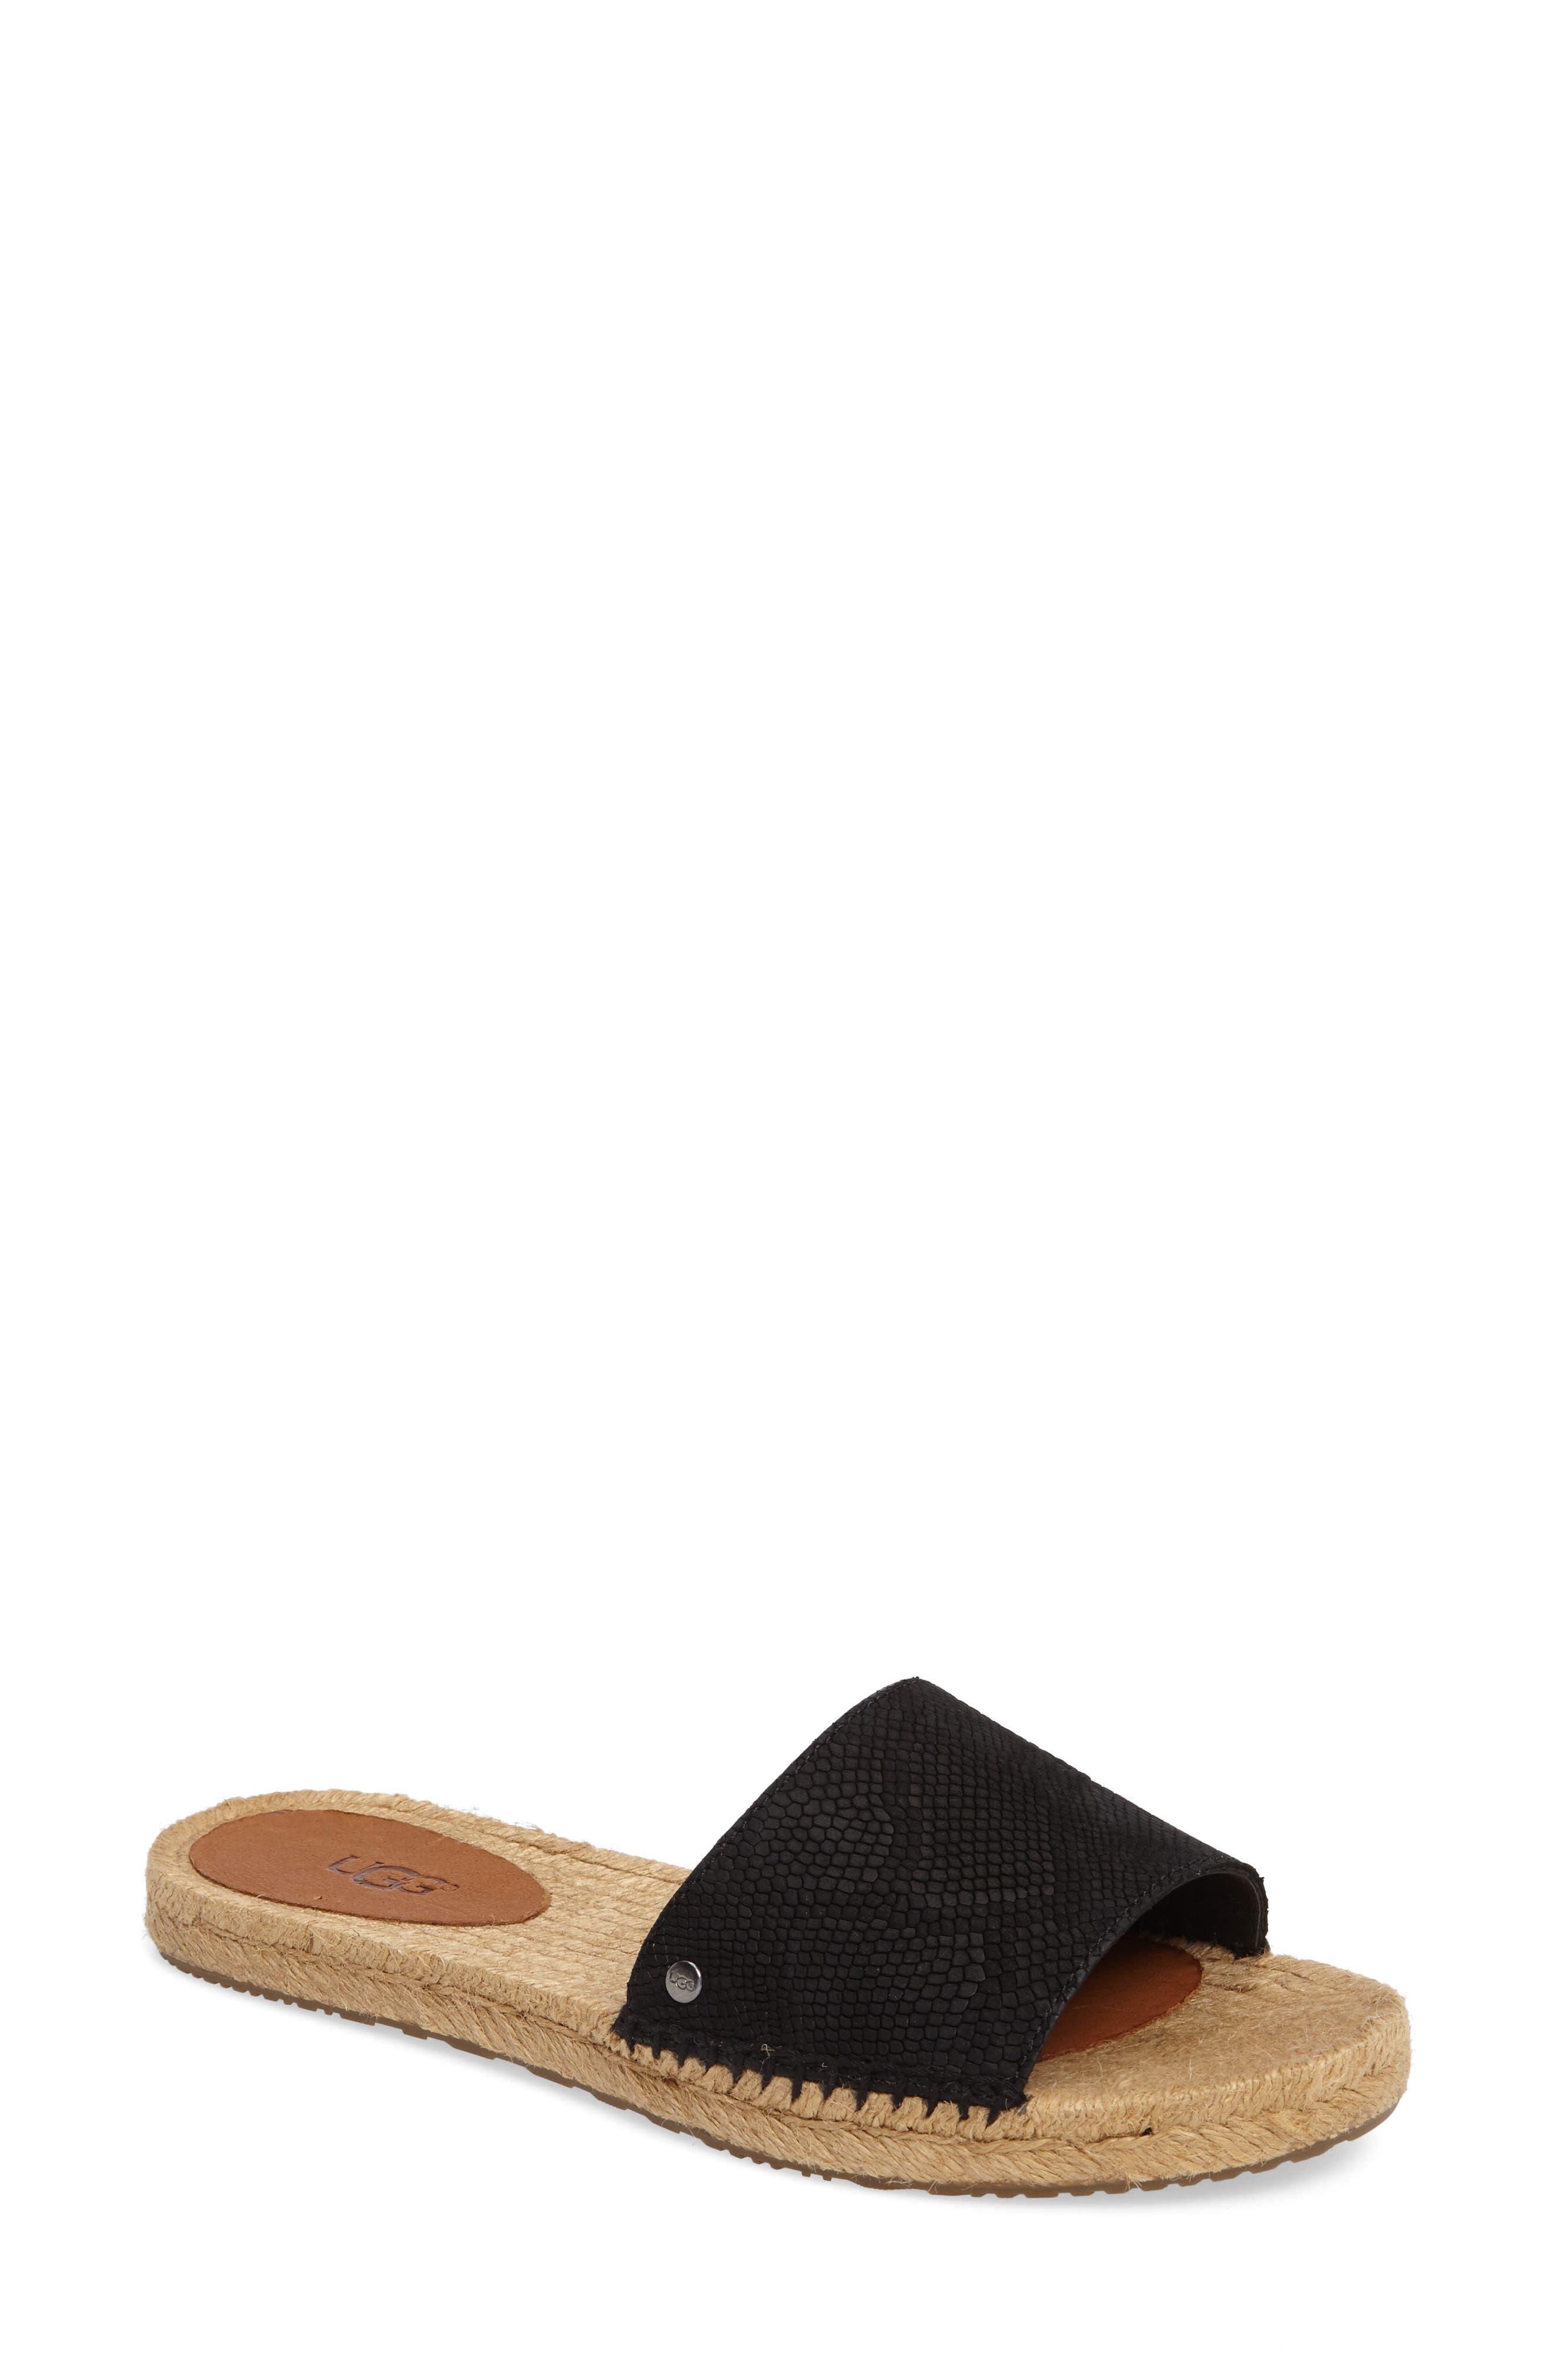 Main Image - UGG® Cherry Slide Sandal (Women)